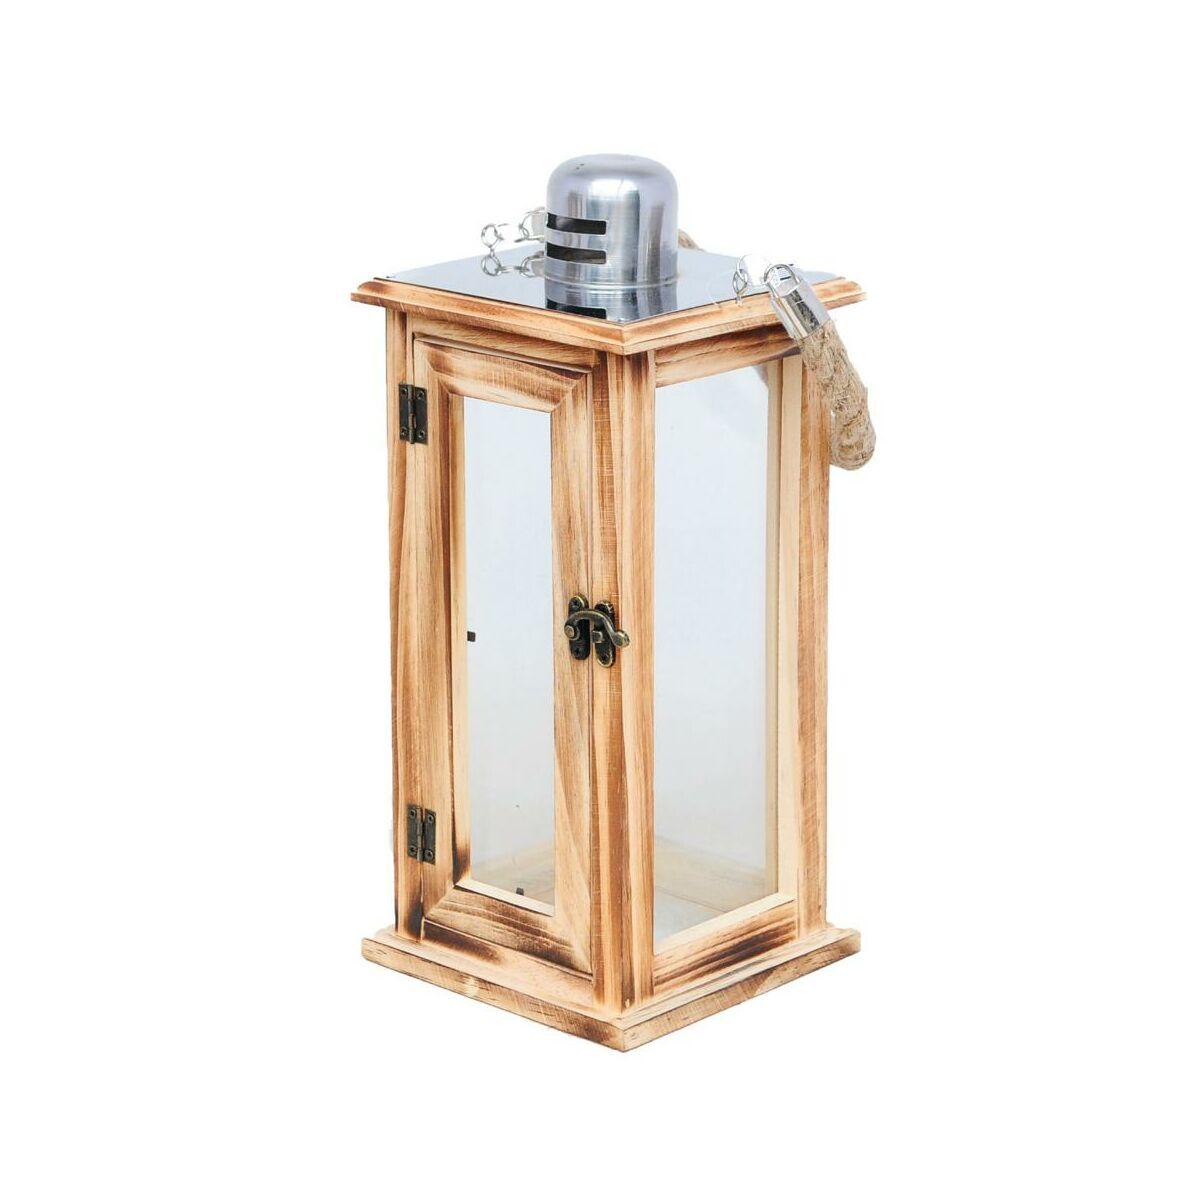 Latarnia Drewniana Na Swieczke 34 X 15 X 15 Cm Palermo Latarenki Pochodnie I Lampiony W Atrakcyjnej Cenie W Sklepach Leroy Merlin